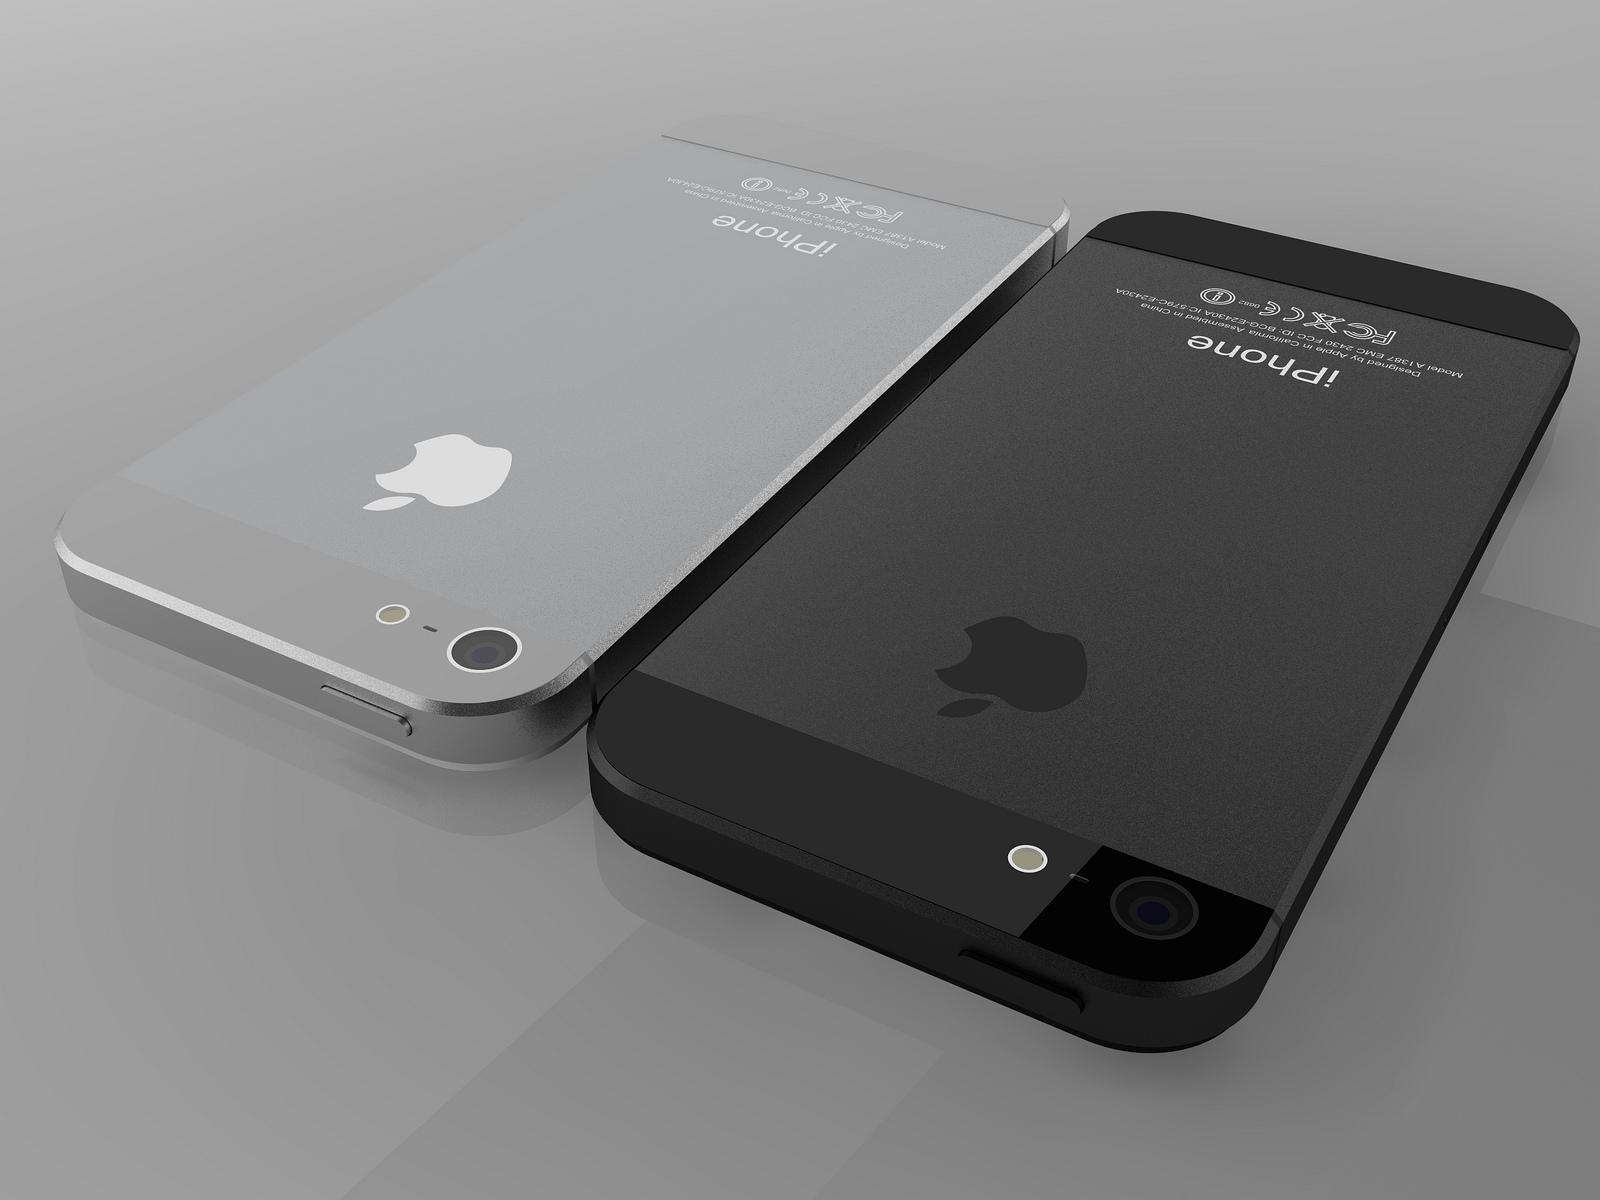 Weitere neue Bilder vom neuen iPhone 5